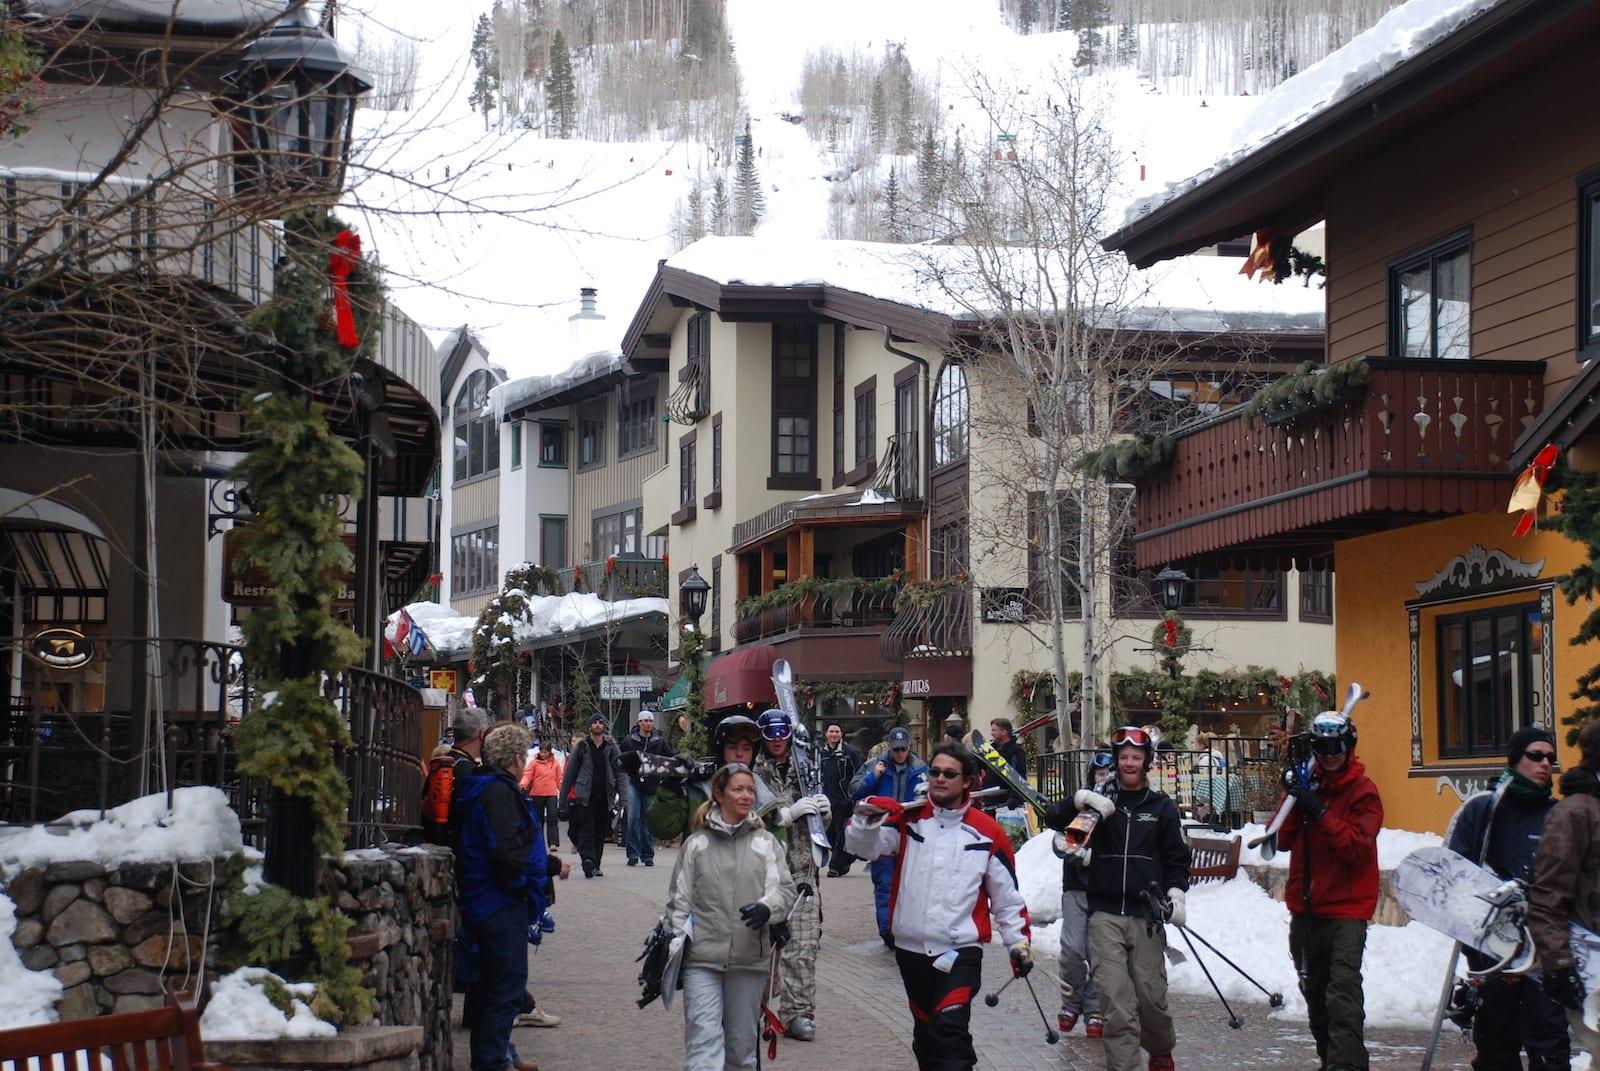 Vail Village Colorado Winter People Walking